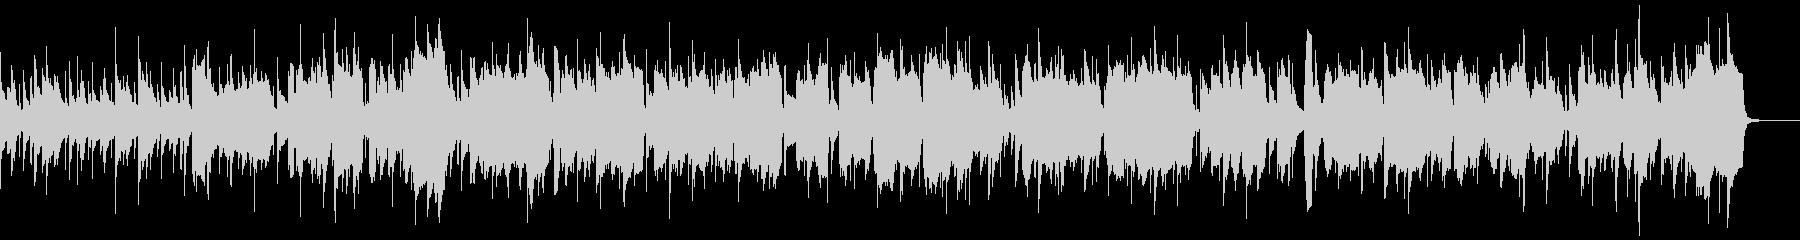 アルトサックスによる妖艶なジャズナンバーの未再生の波形